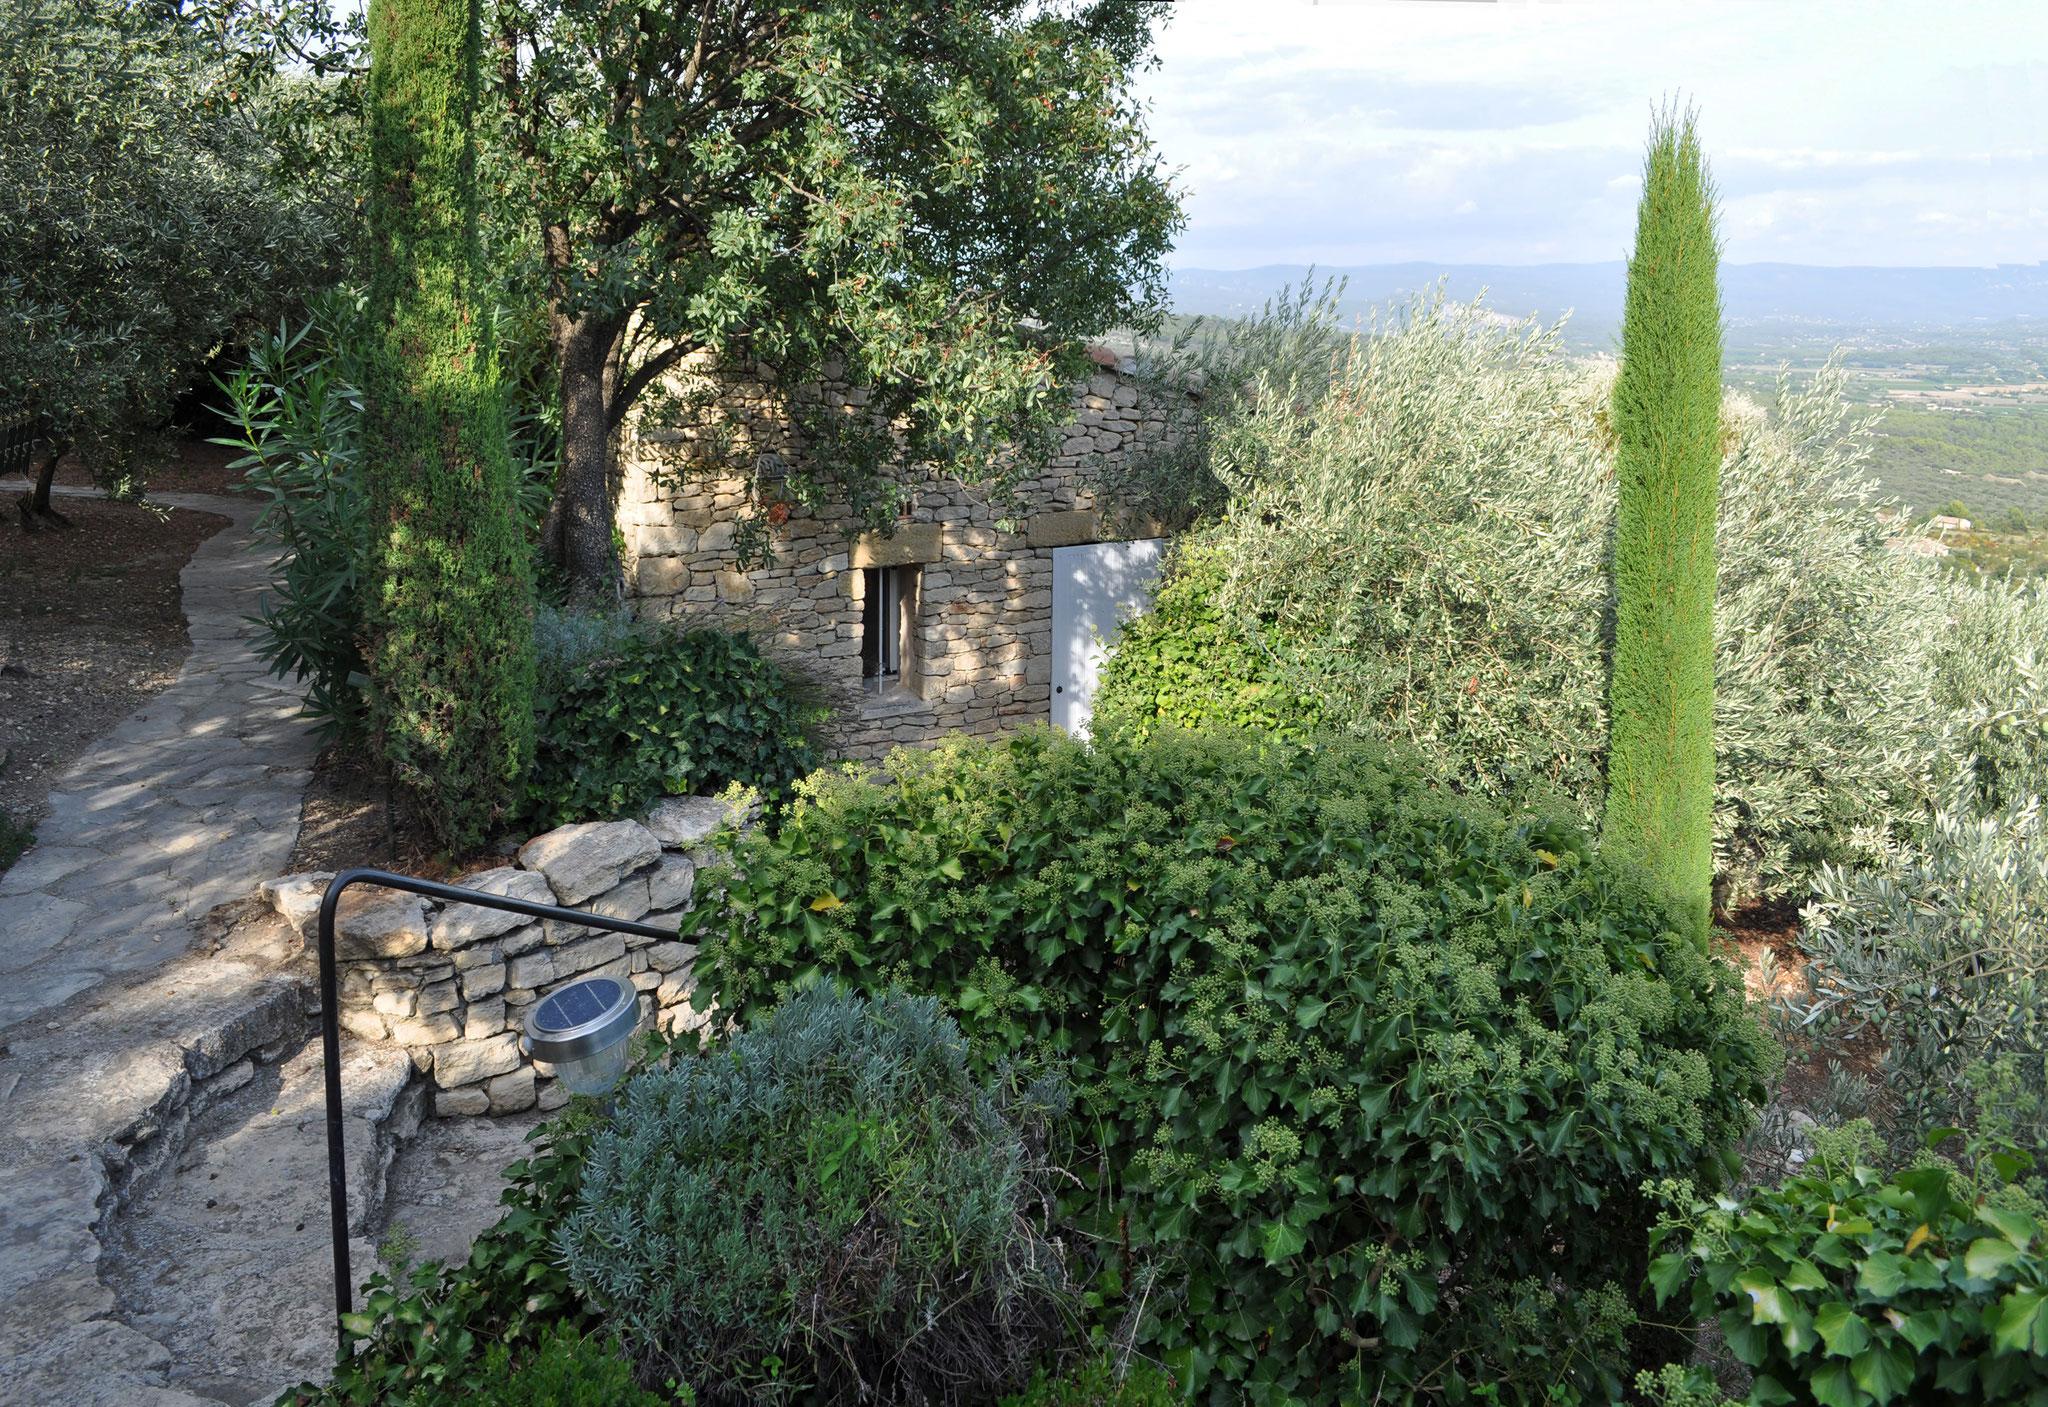 Petite Beauté - idyllische Lage auf einer Felsenterrasse am Ortsrand von Gordes